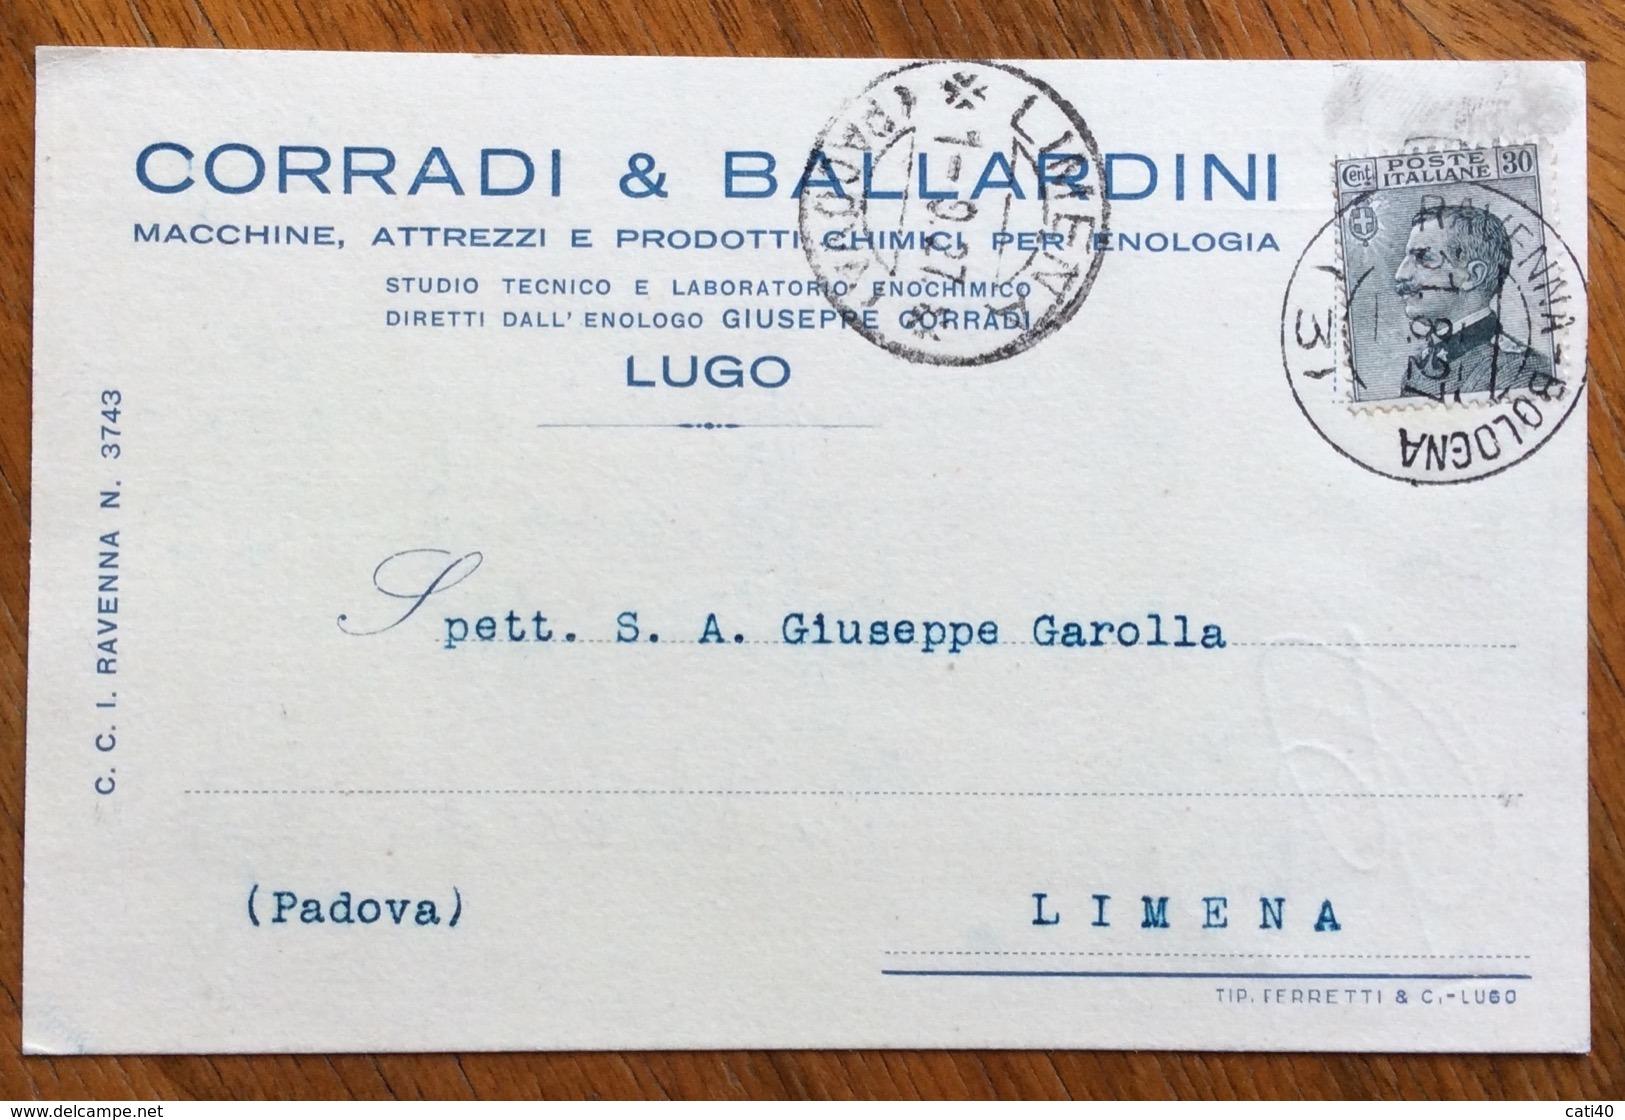 LUGO PRODOTTI CHIMICI PER ENOLOGIACORRADI & BALLARDINI CARTOOLINA PUBBLICITARIA CON AMB. RAVENNA-BOLOGNA (3) DEL 1/8/27 - Werbepostkarten